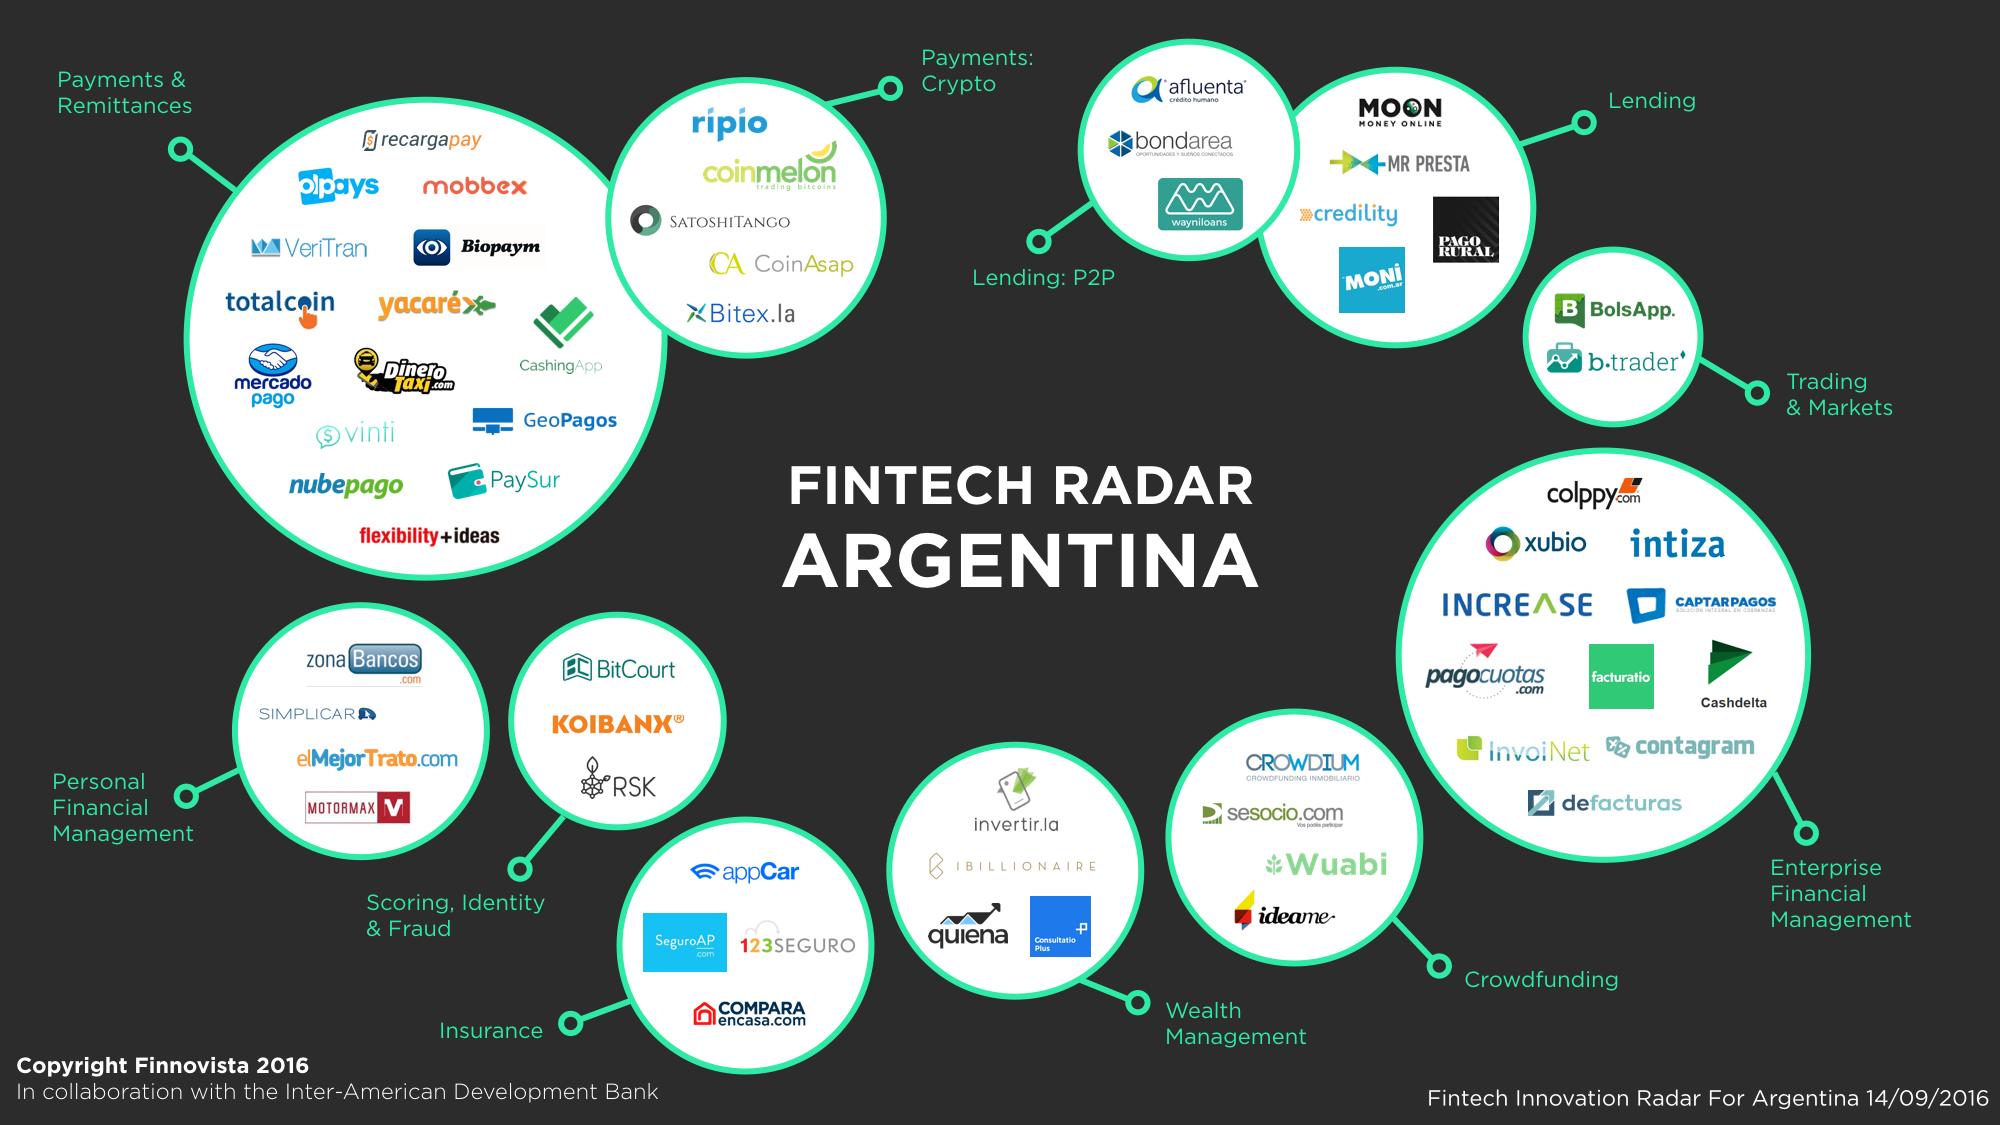 argentina-fintech-radar-001